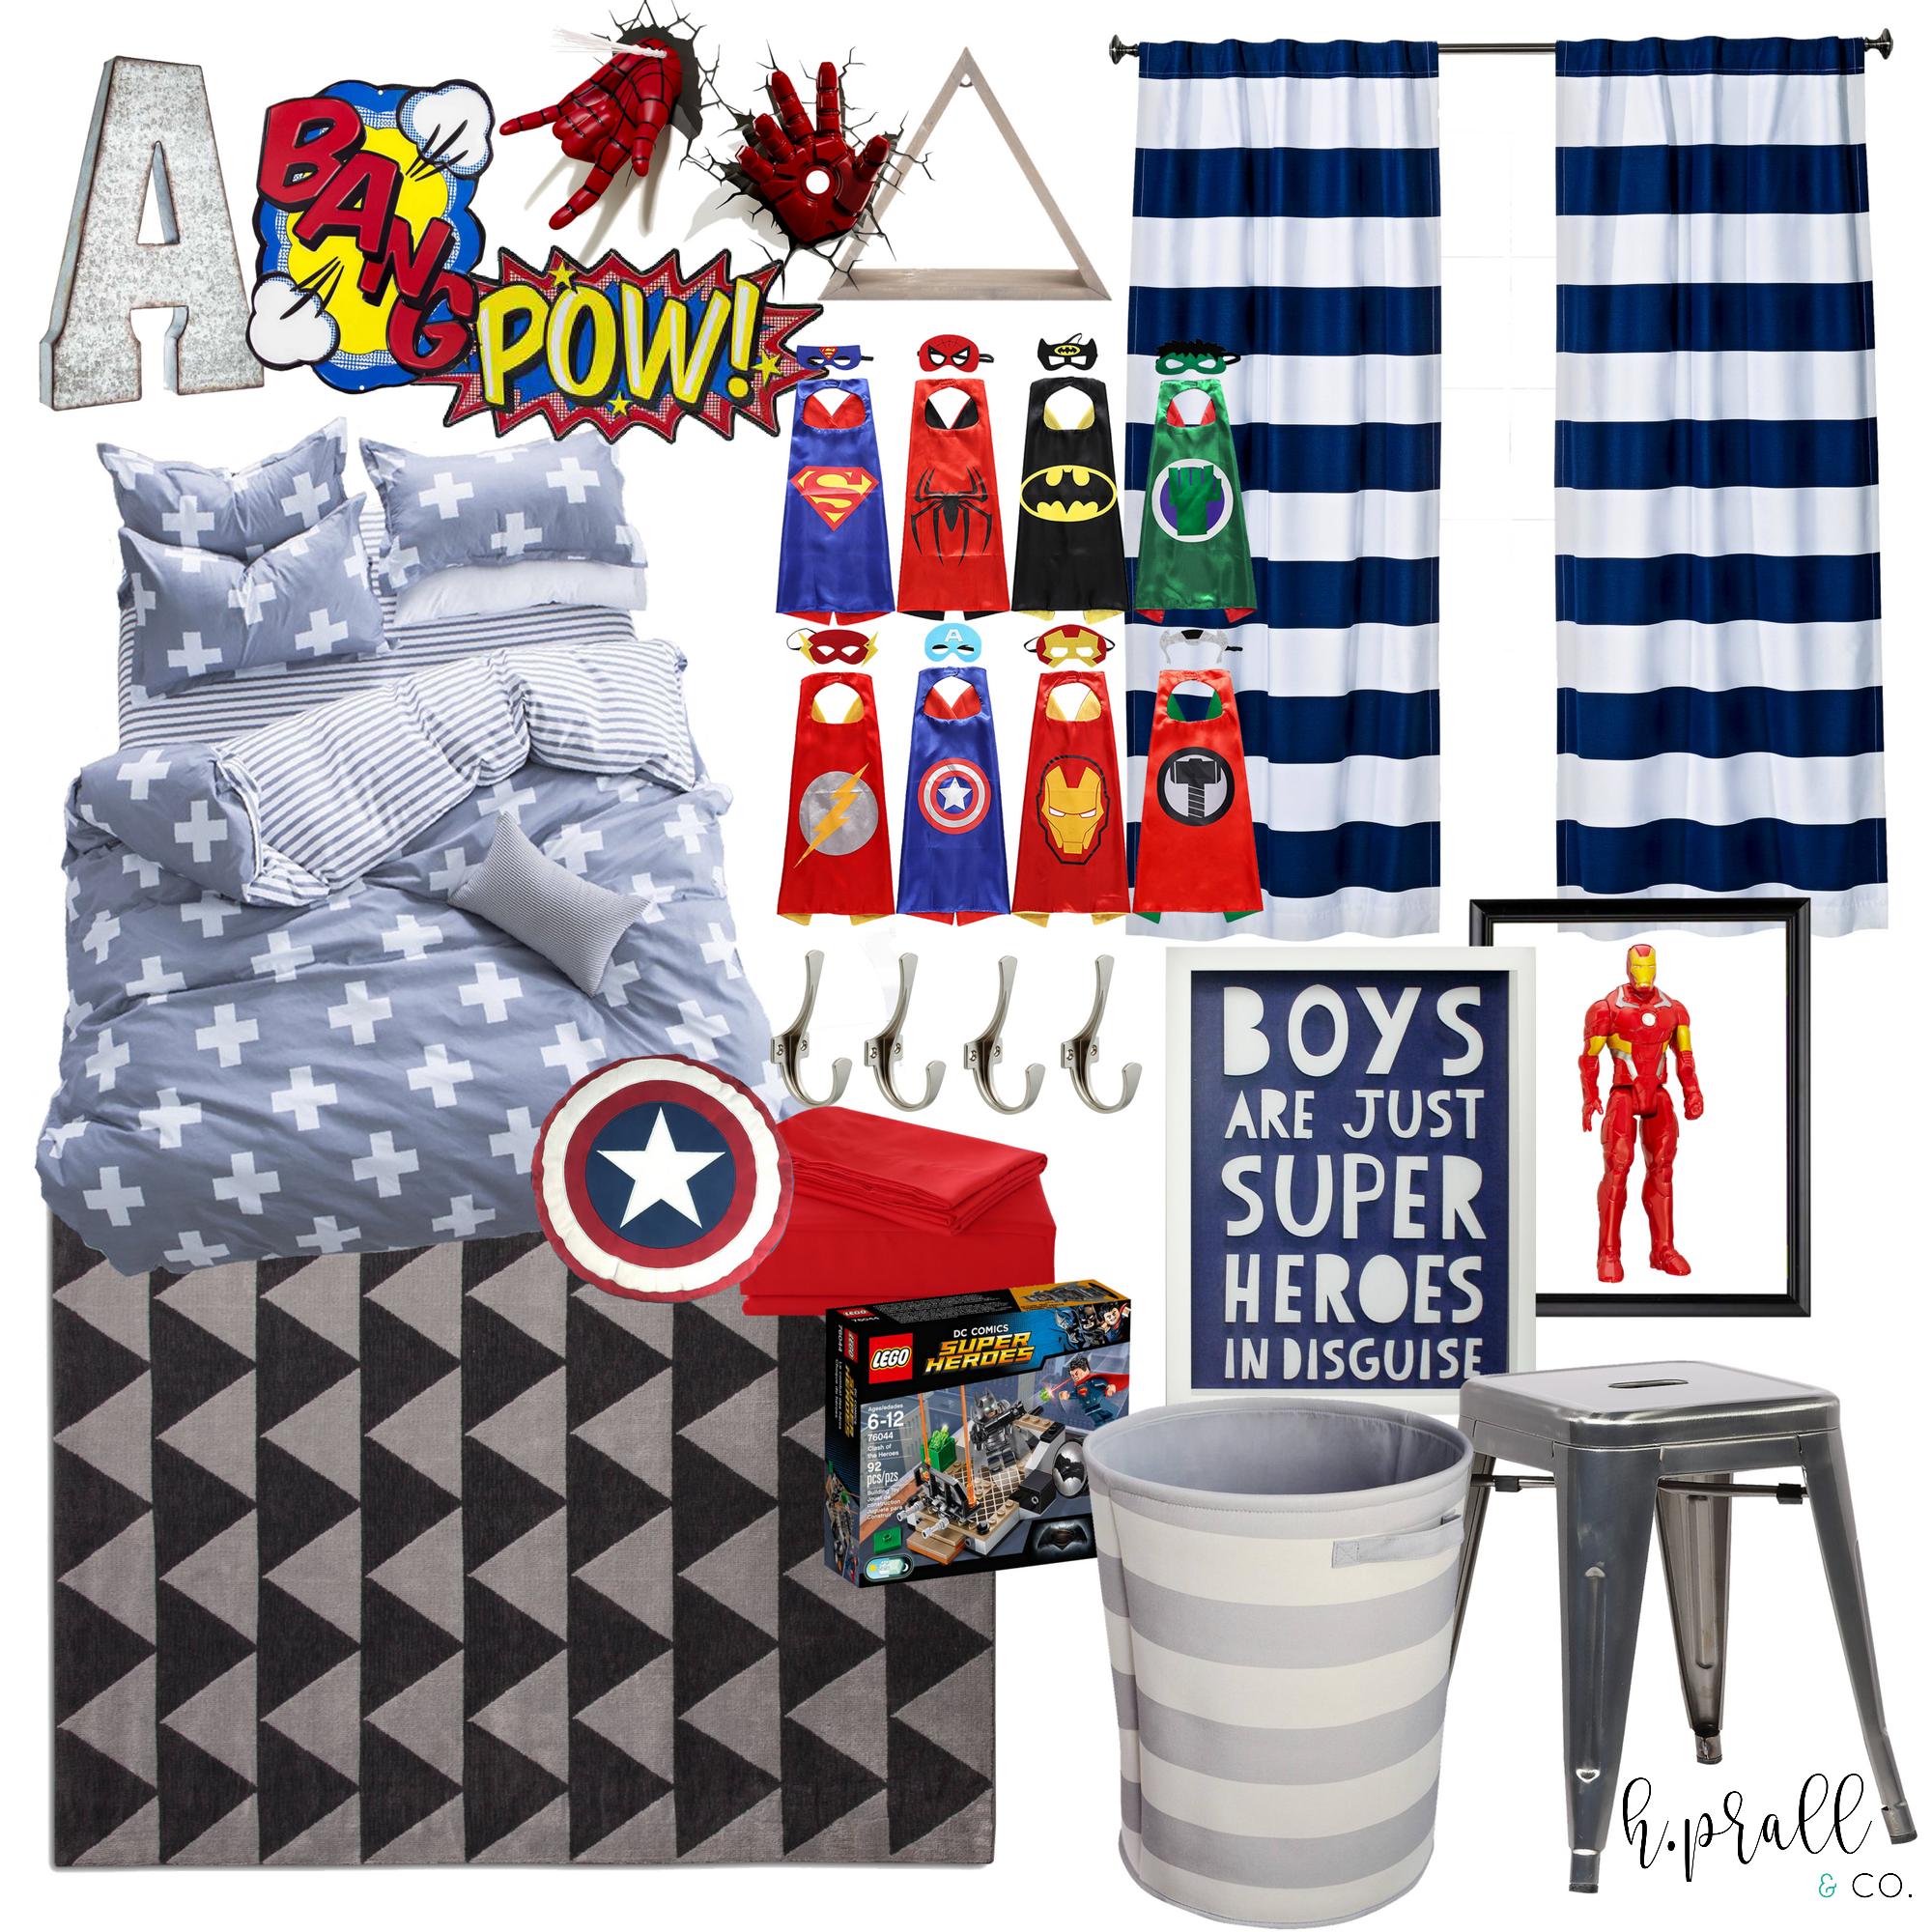 Boys bedroom design for a superhero fan   H.Prall & Co. Interior Decorating   hprallandco.com